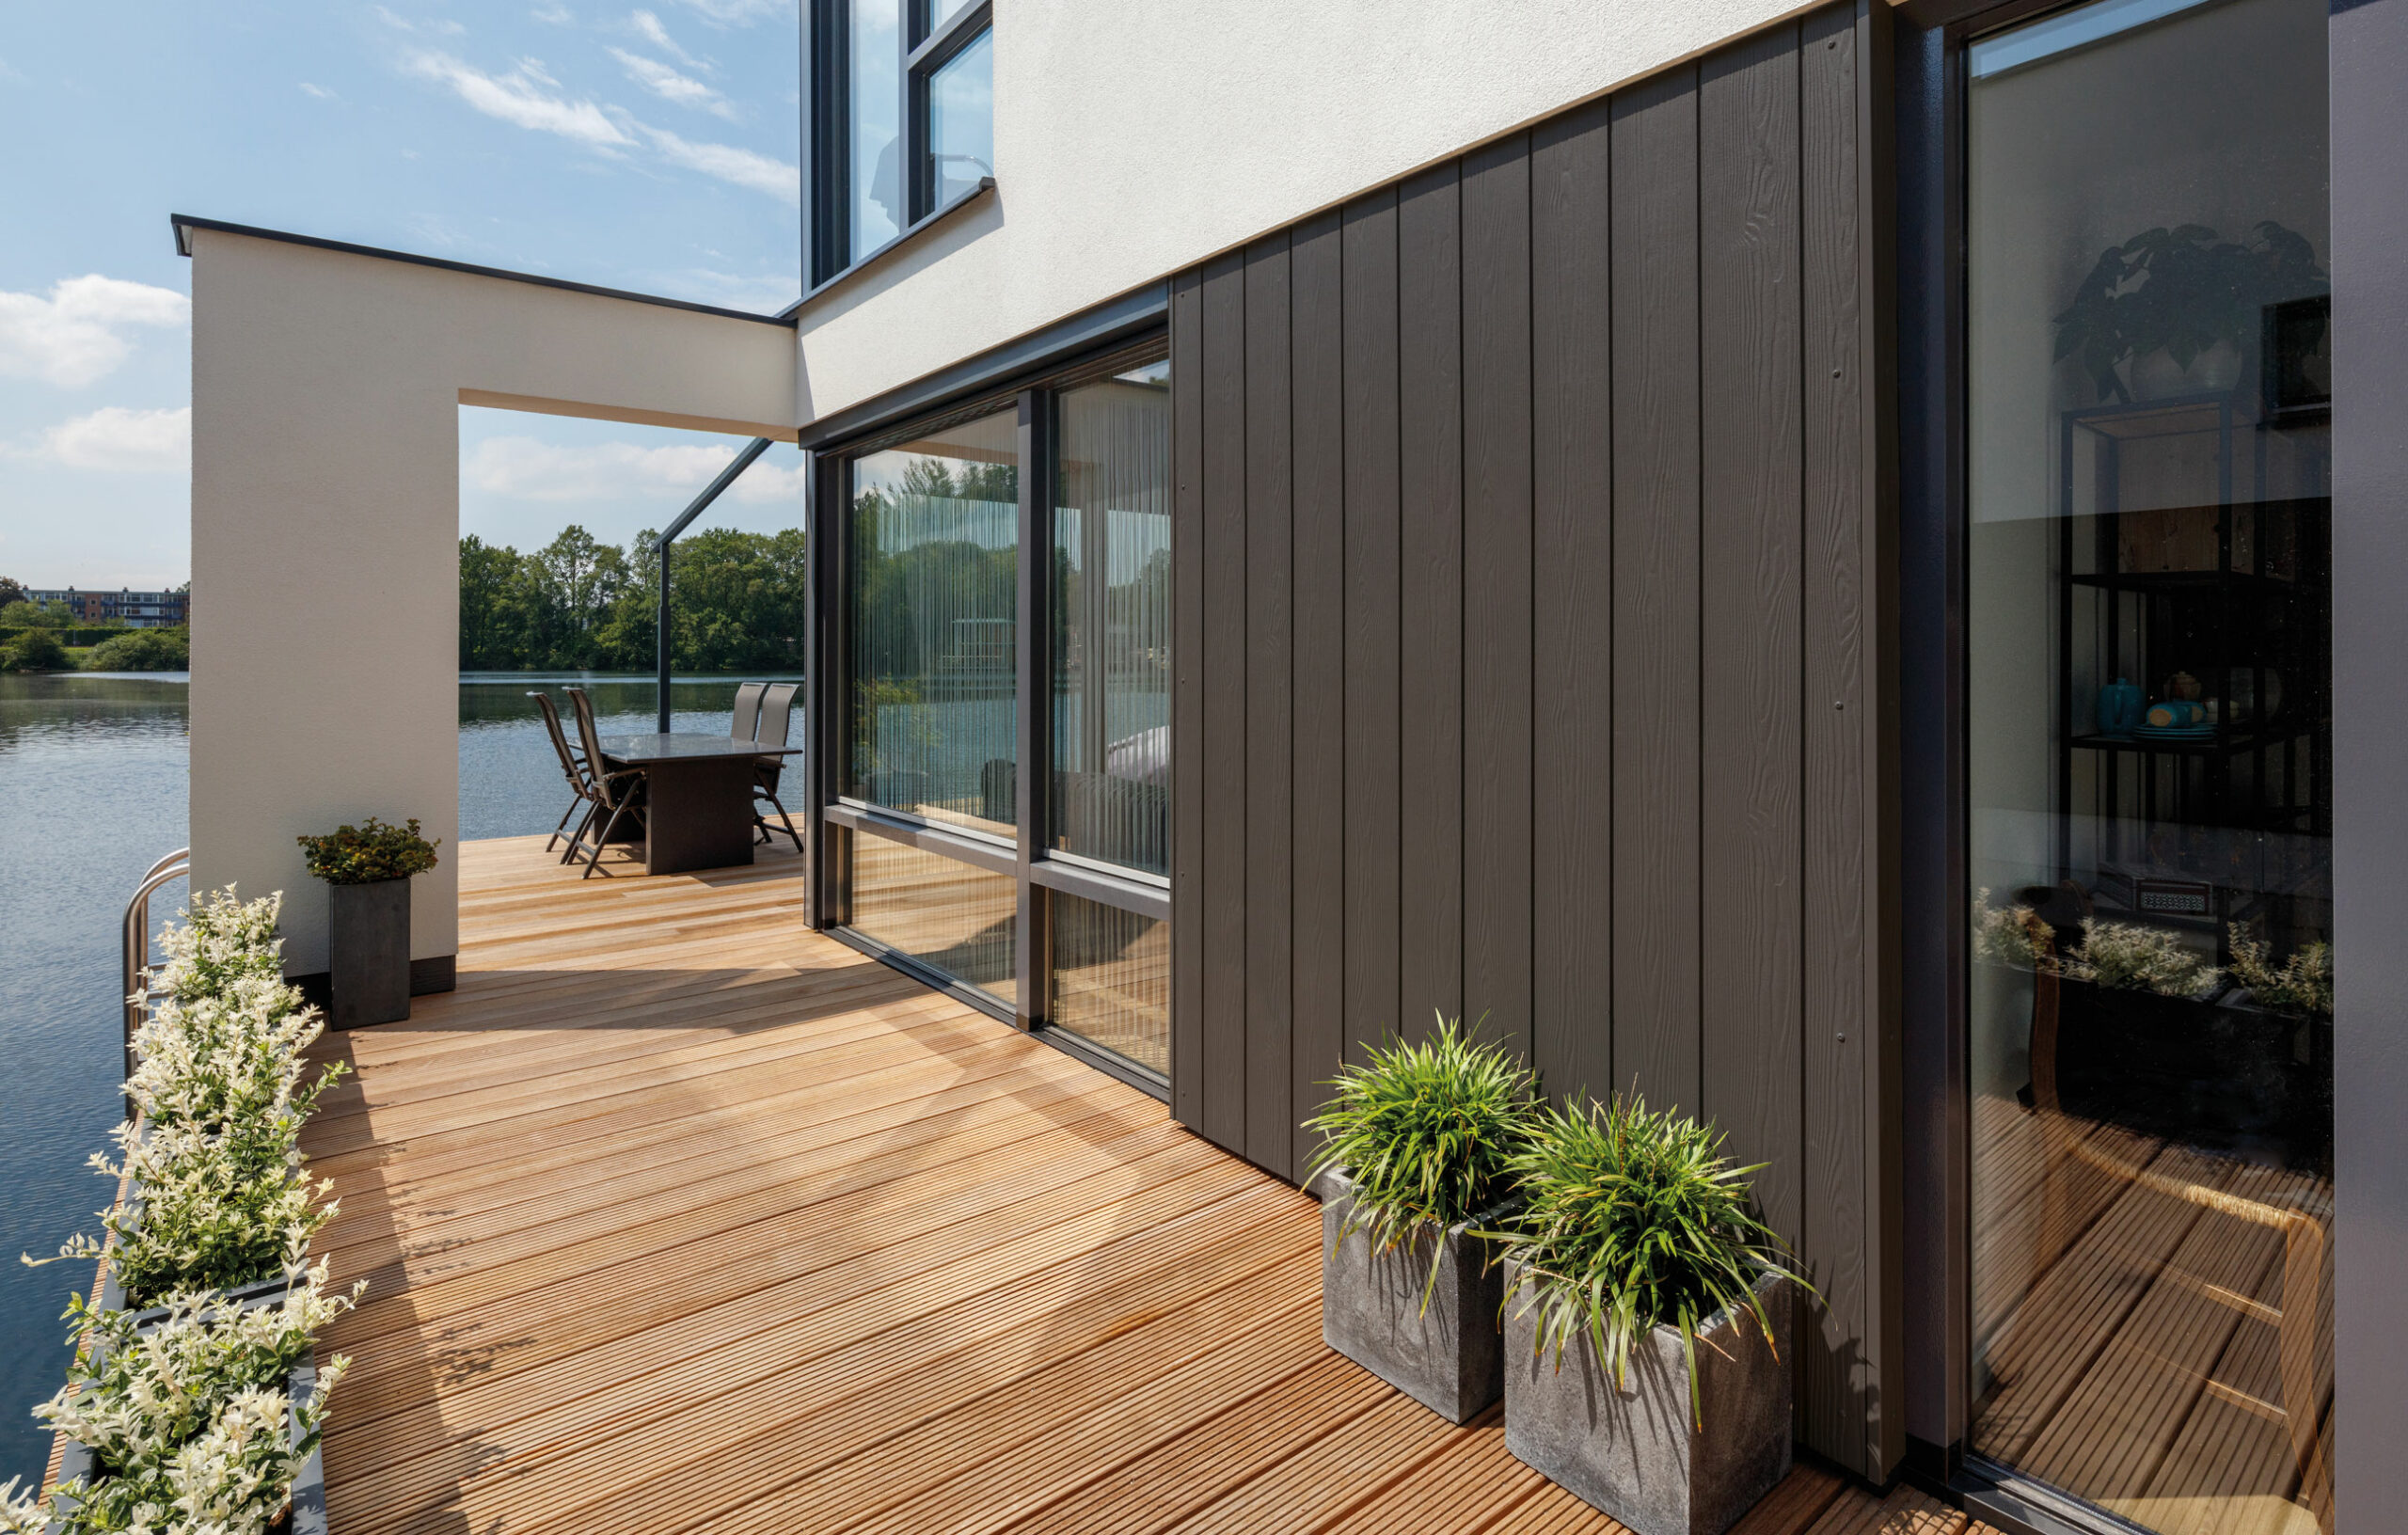 Cedral Terrassen und Profilschalung Keyvisual mit Gebäude am See.